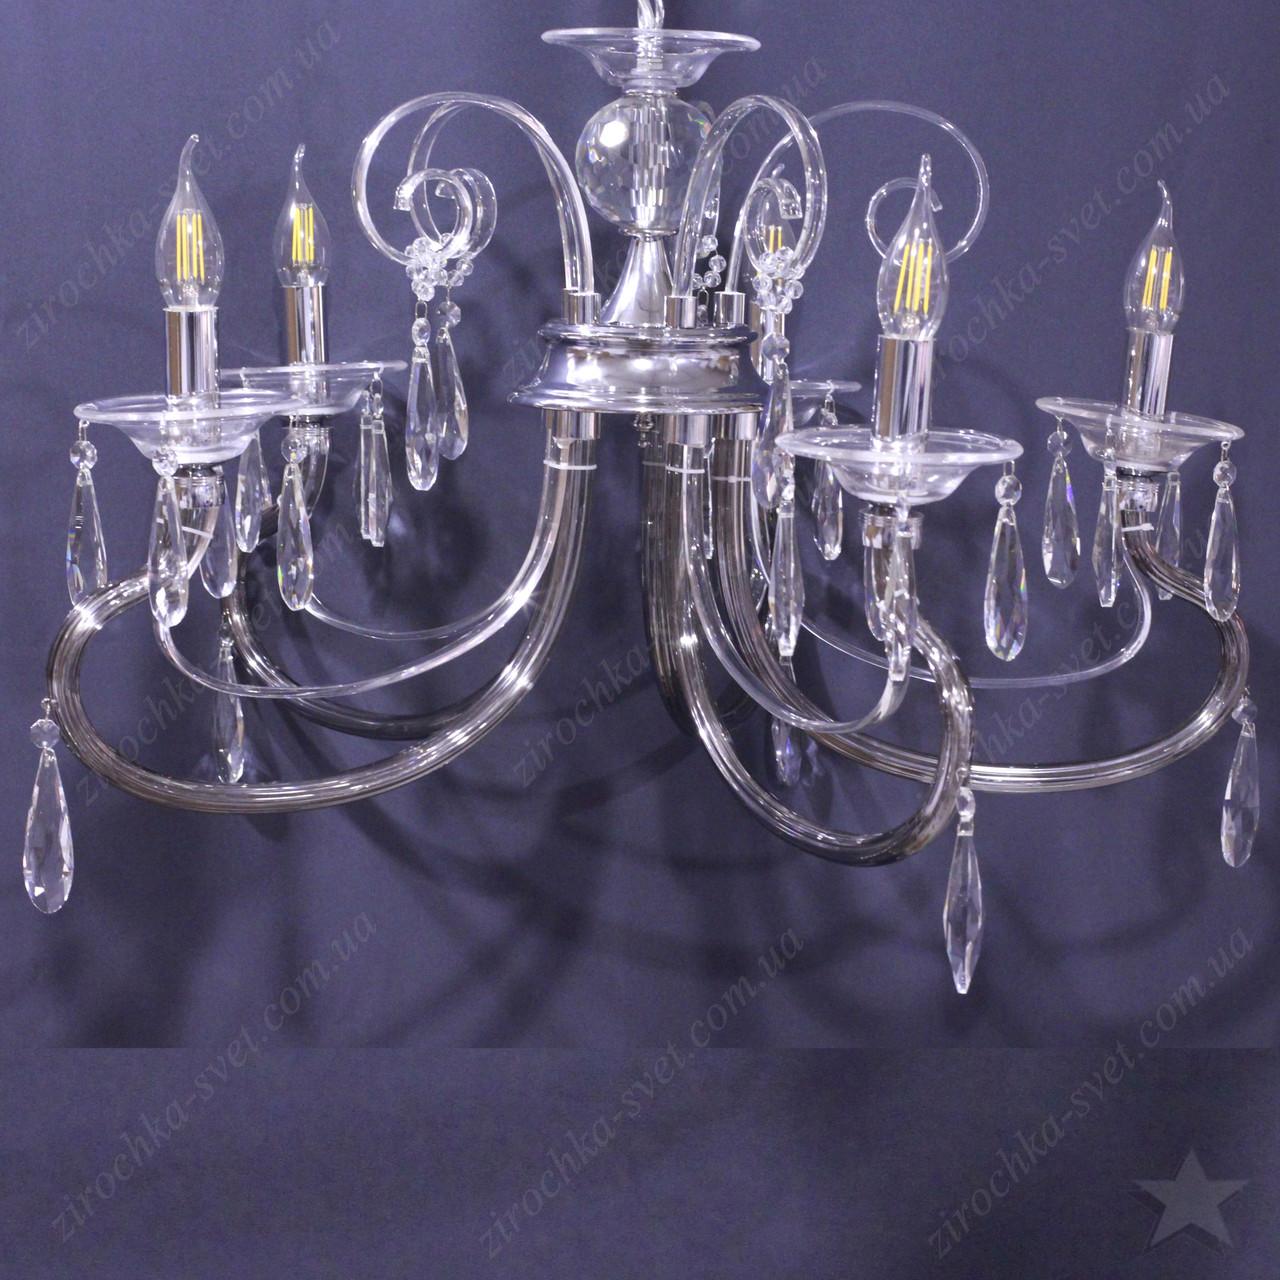 Люстра стеклянная хром 5 рожков с хрустальными подвесками Stellare (Германия) C2318/5 CHS